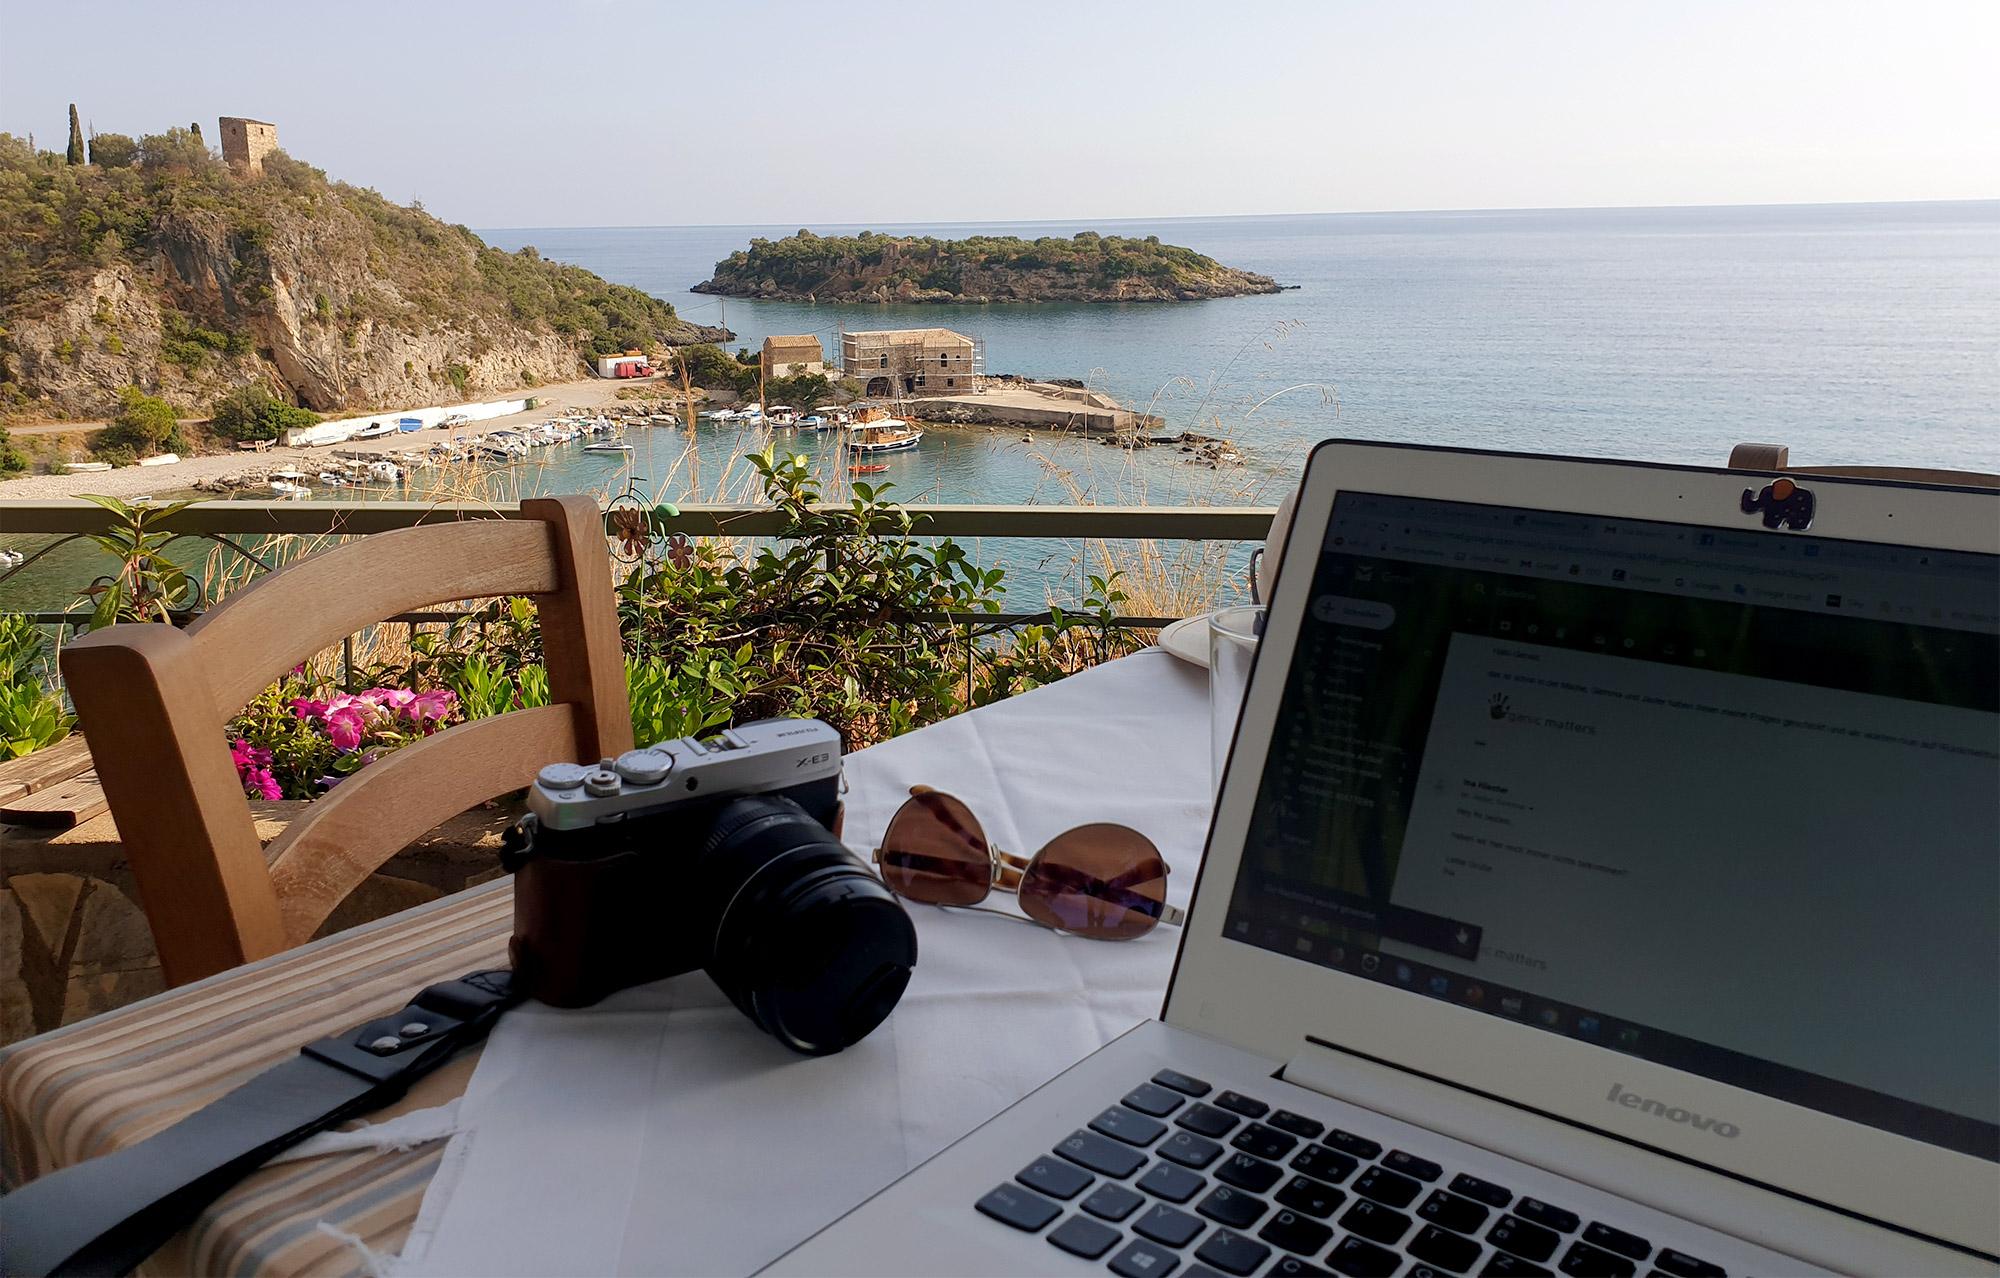 Büro mal anders: Dieses Bild entstand in Kardamili, Griechenland